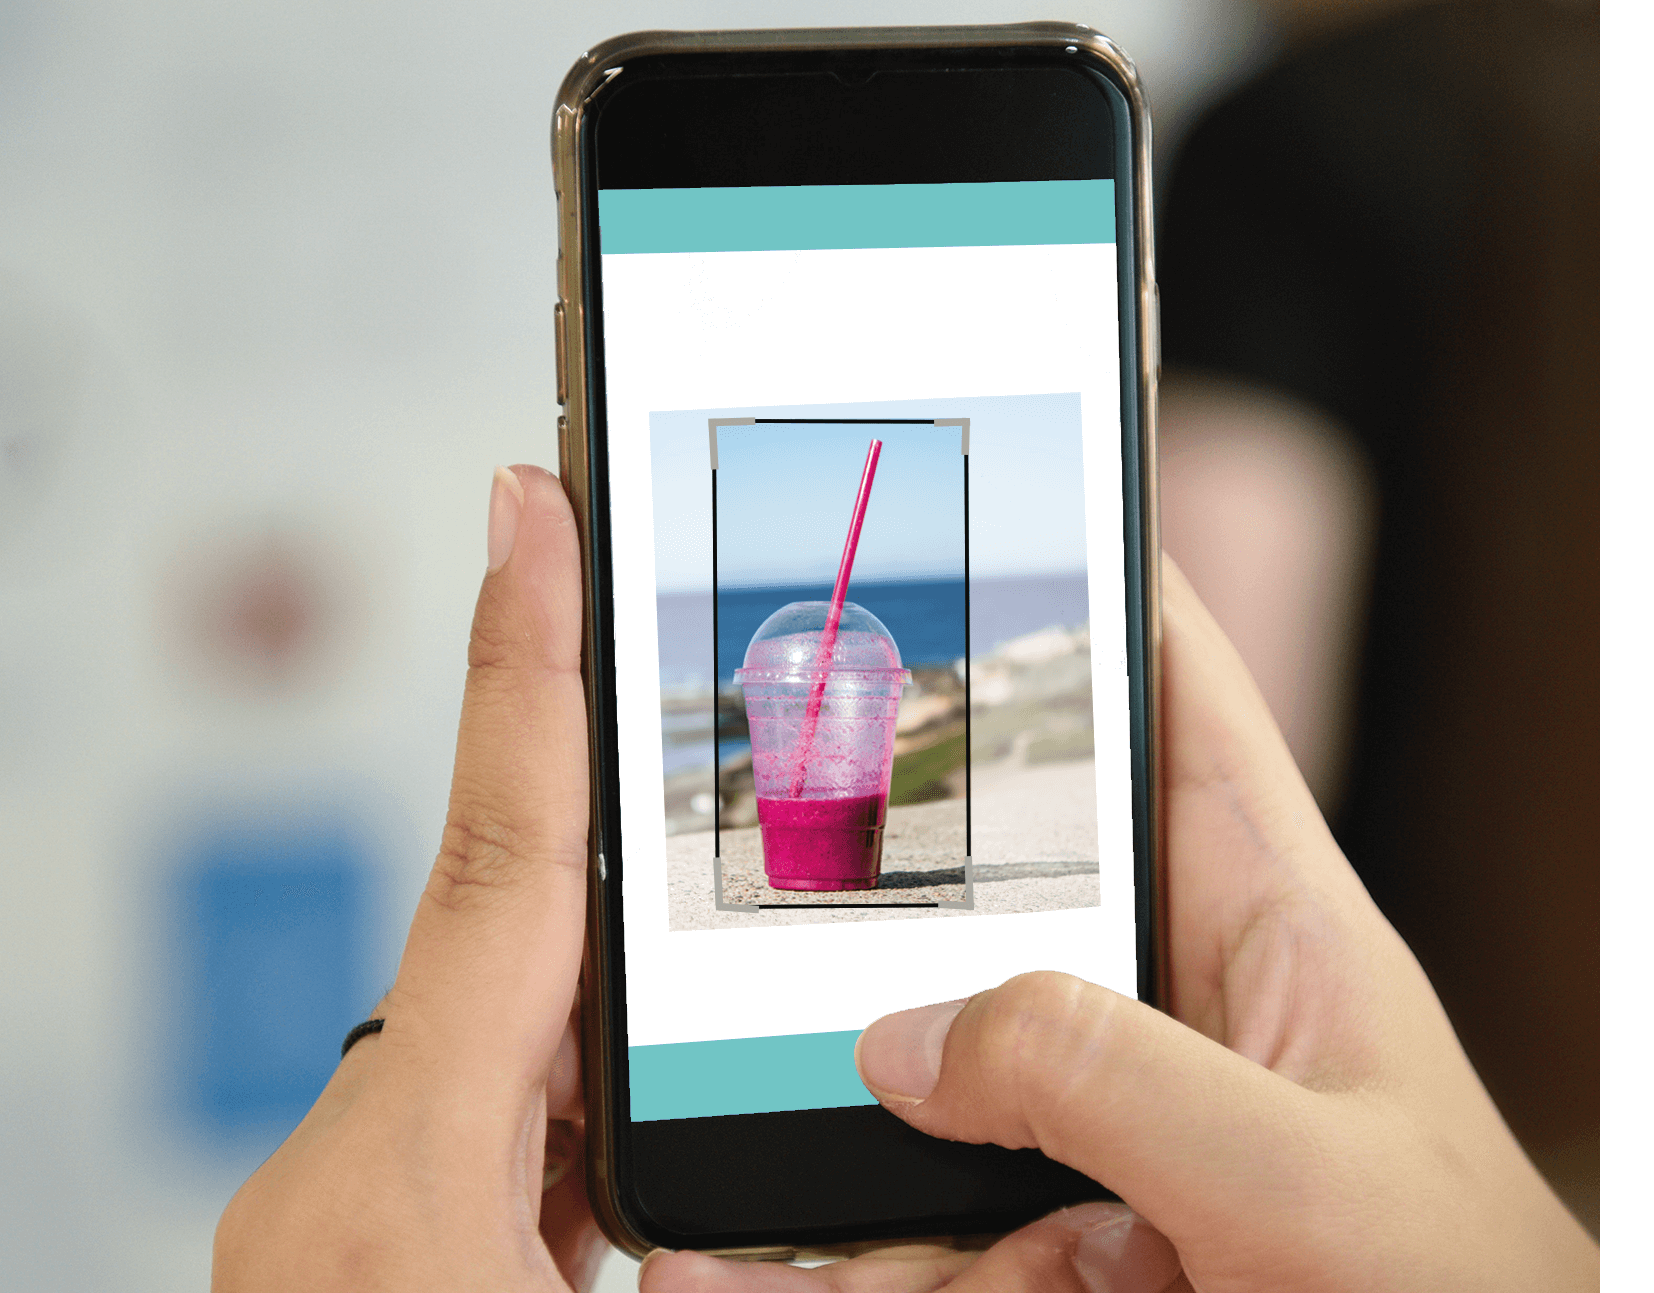 foto van een smartphone waarop een aap in gebruik is die foto's kan bijsnijden